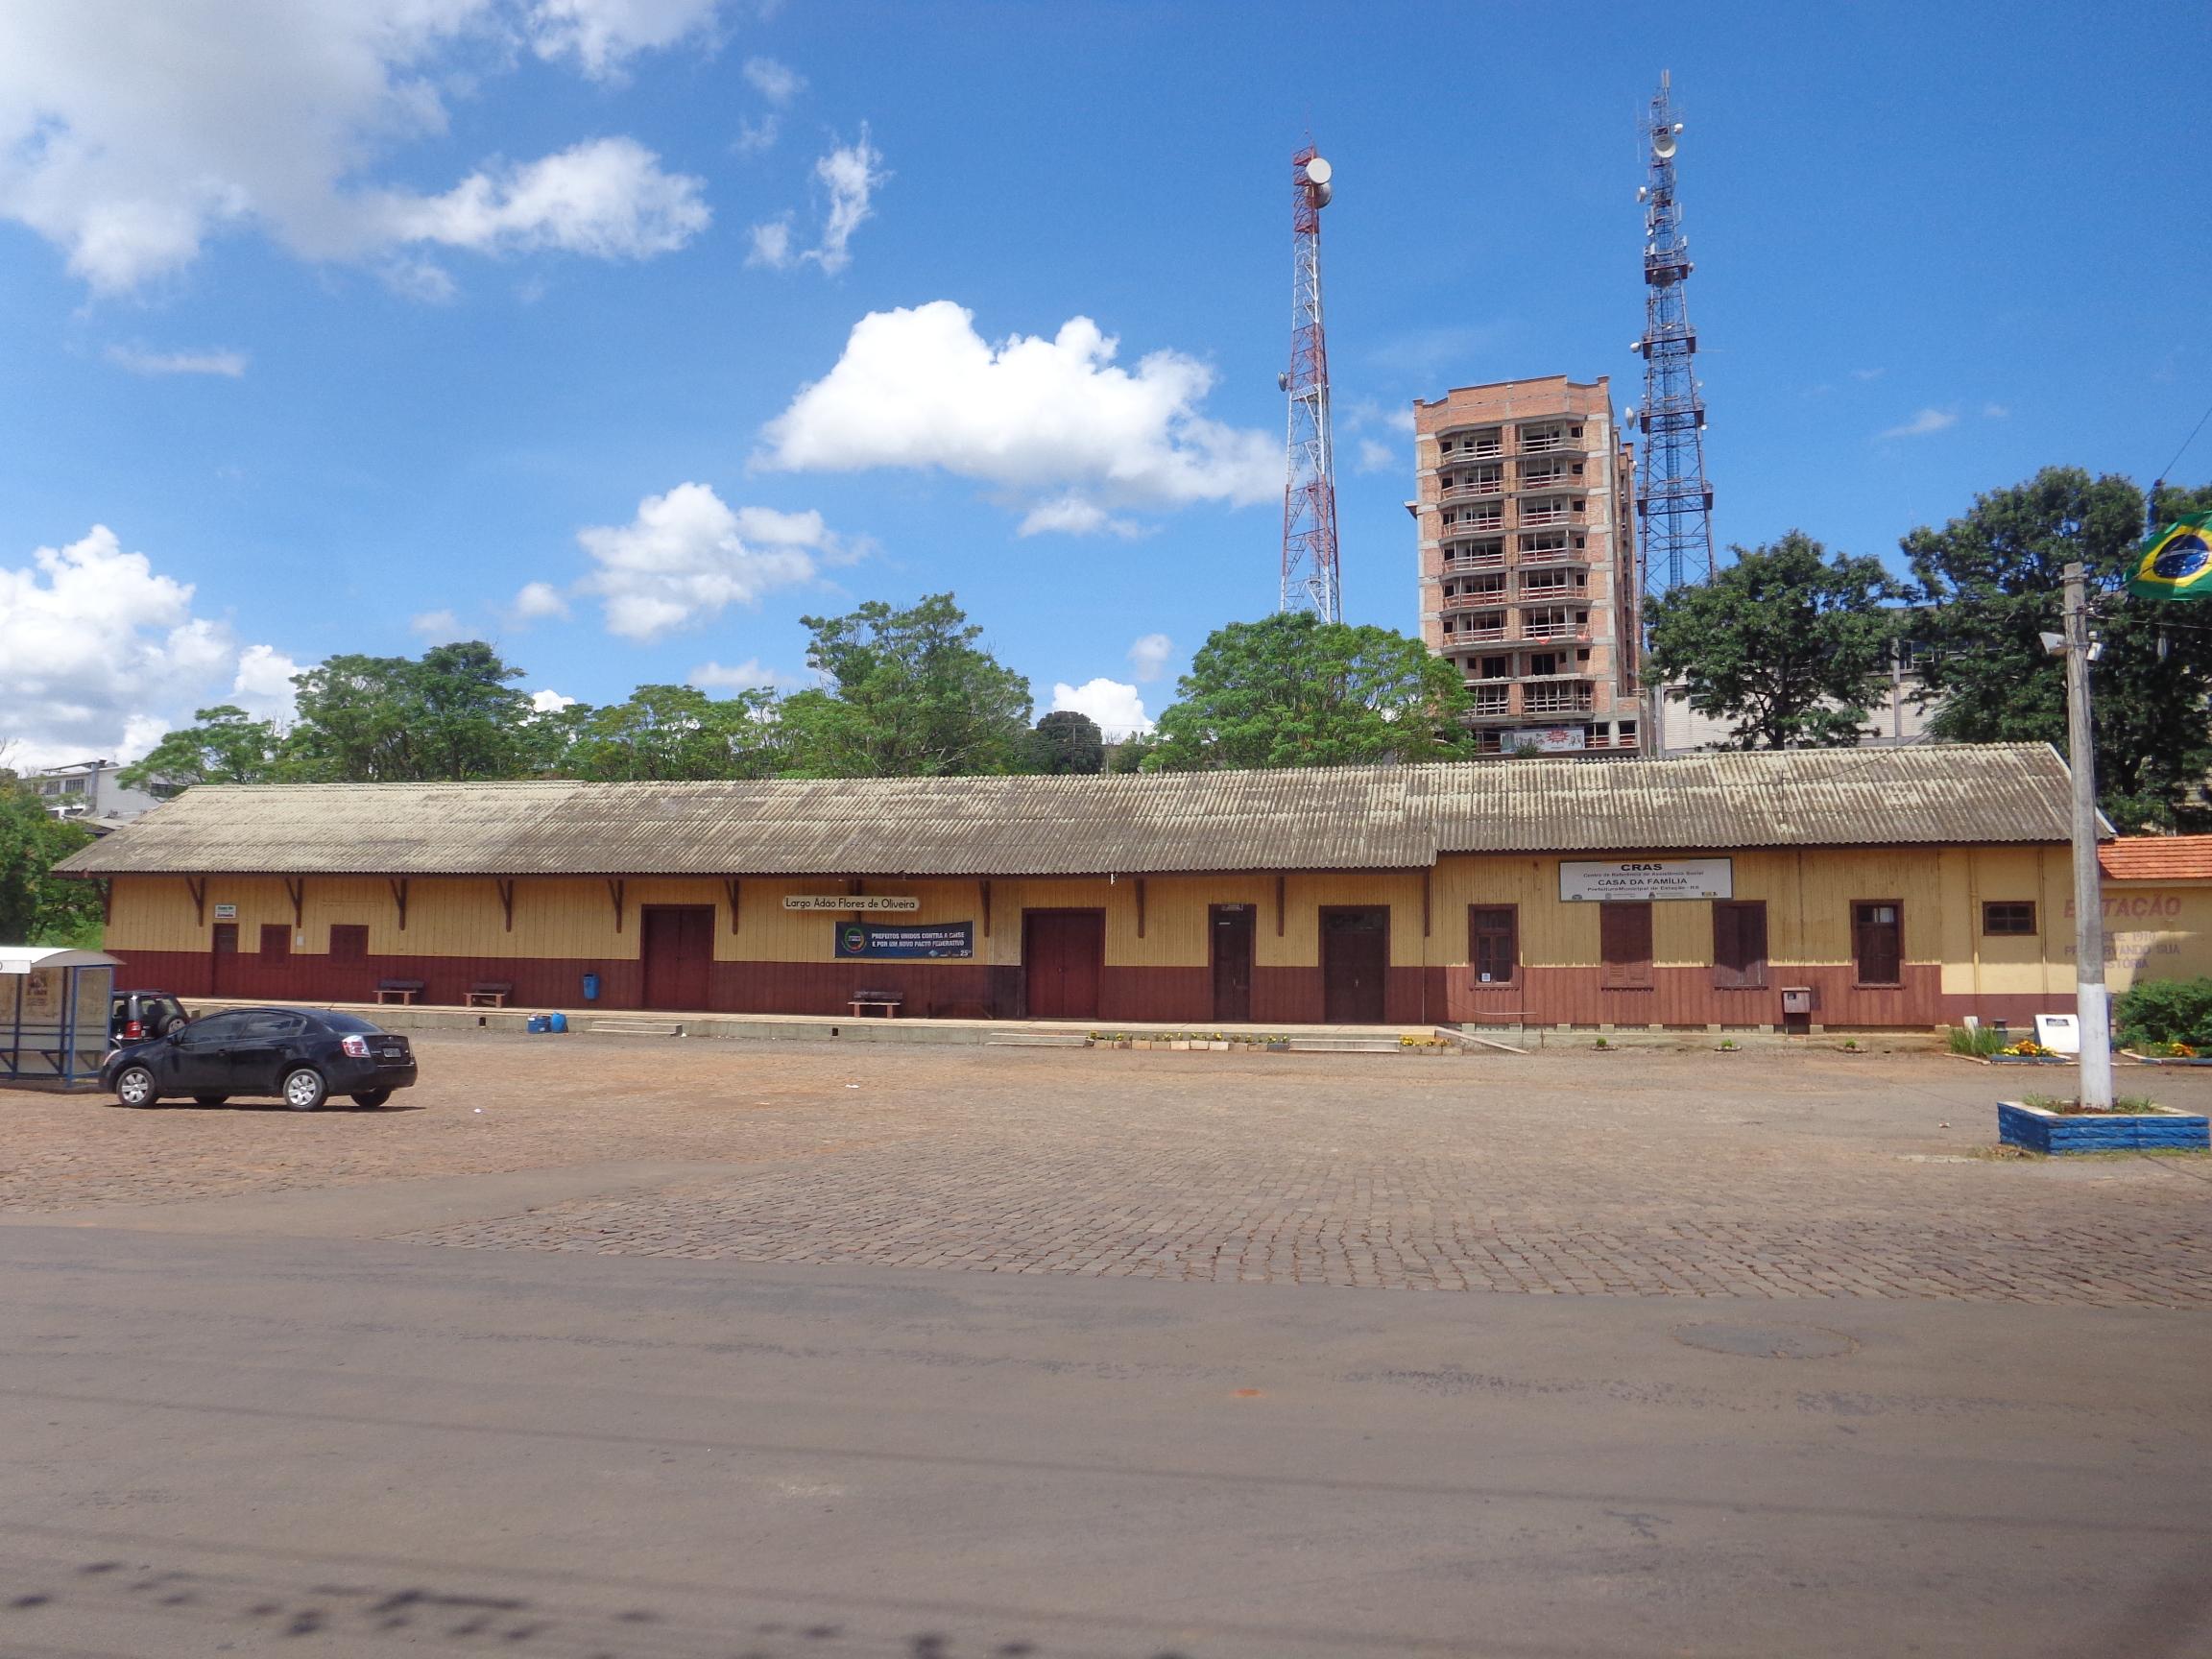 Estação Rio Grande do Sul fonte: upload.wikimedia.org